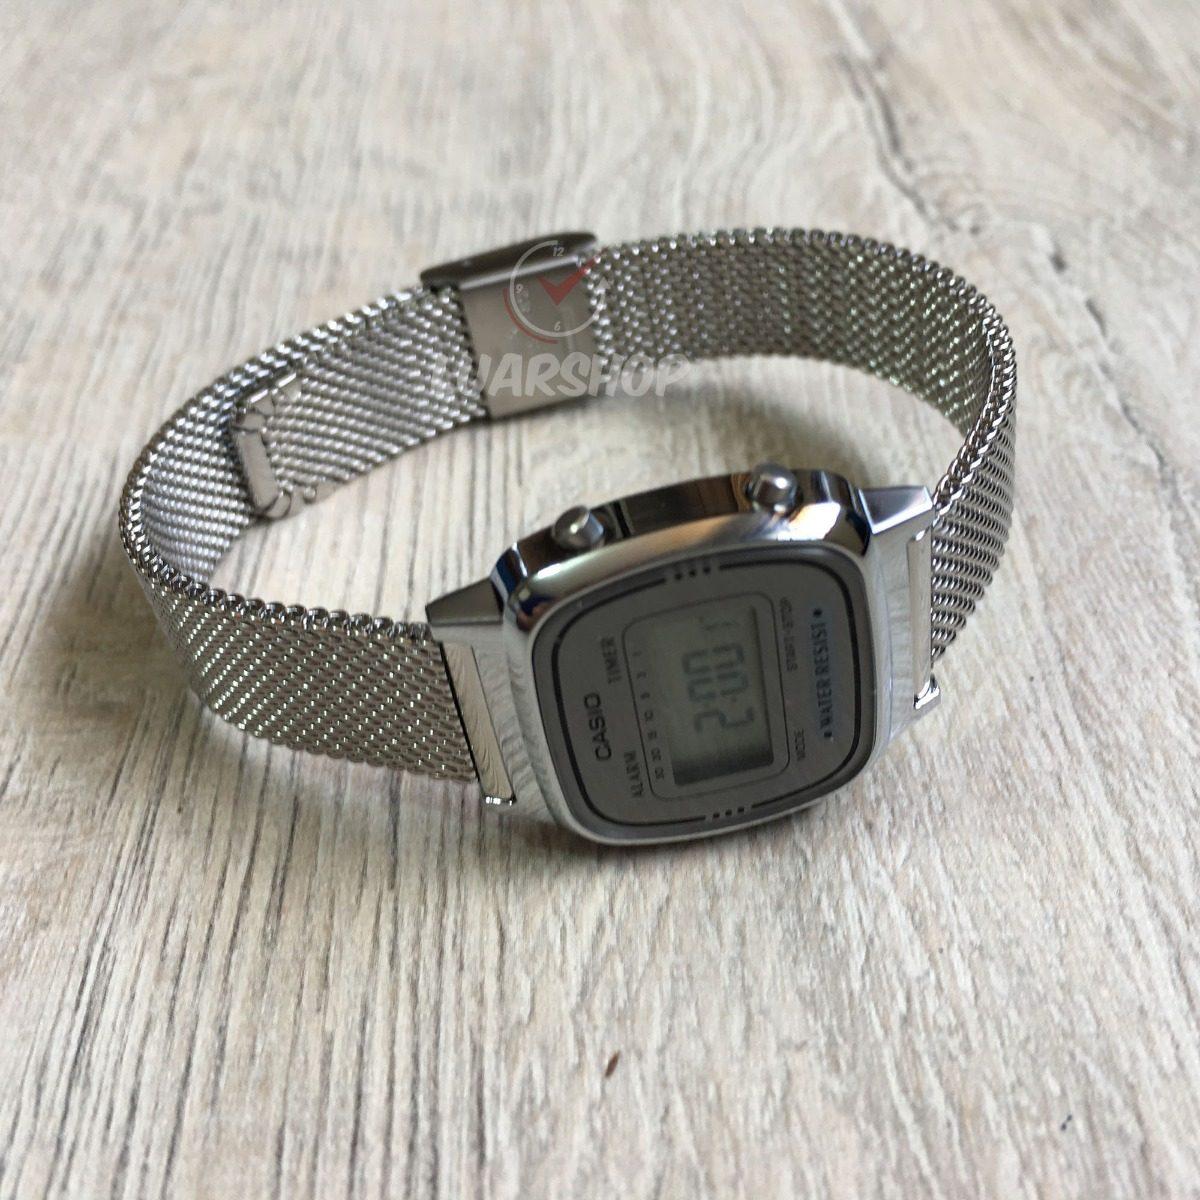 f2dabcf76e0 relógio casio digital mini feminino la670wem prata original. Carregando  zoom.